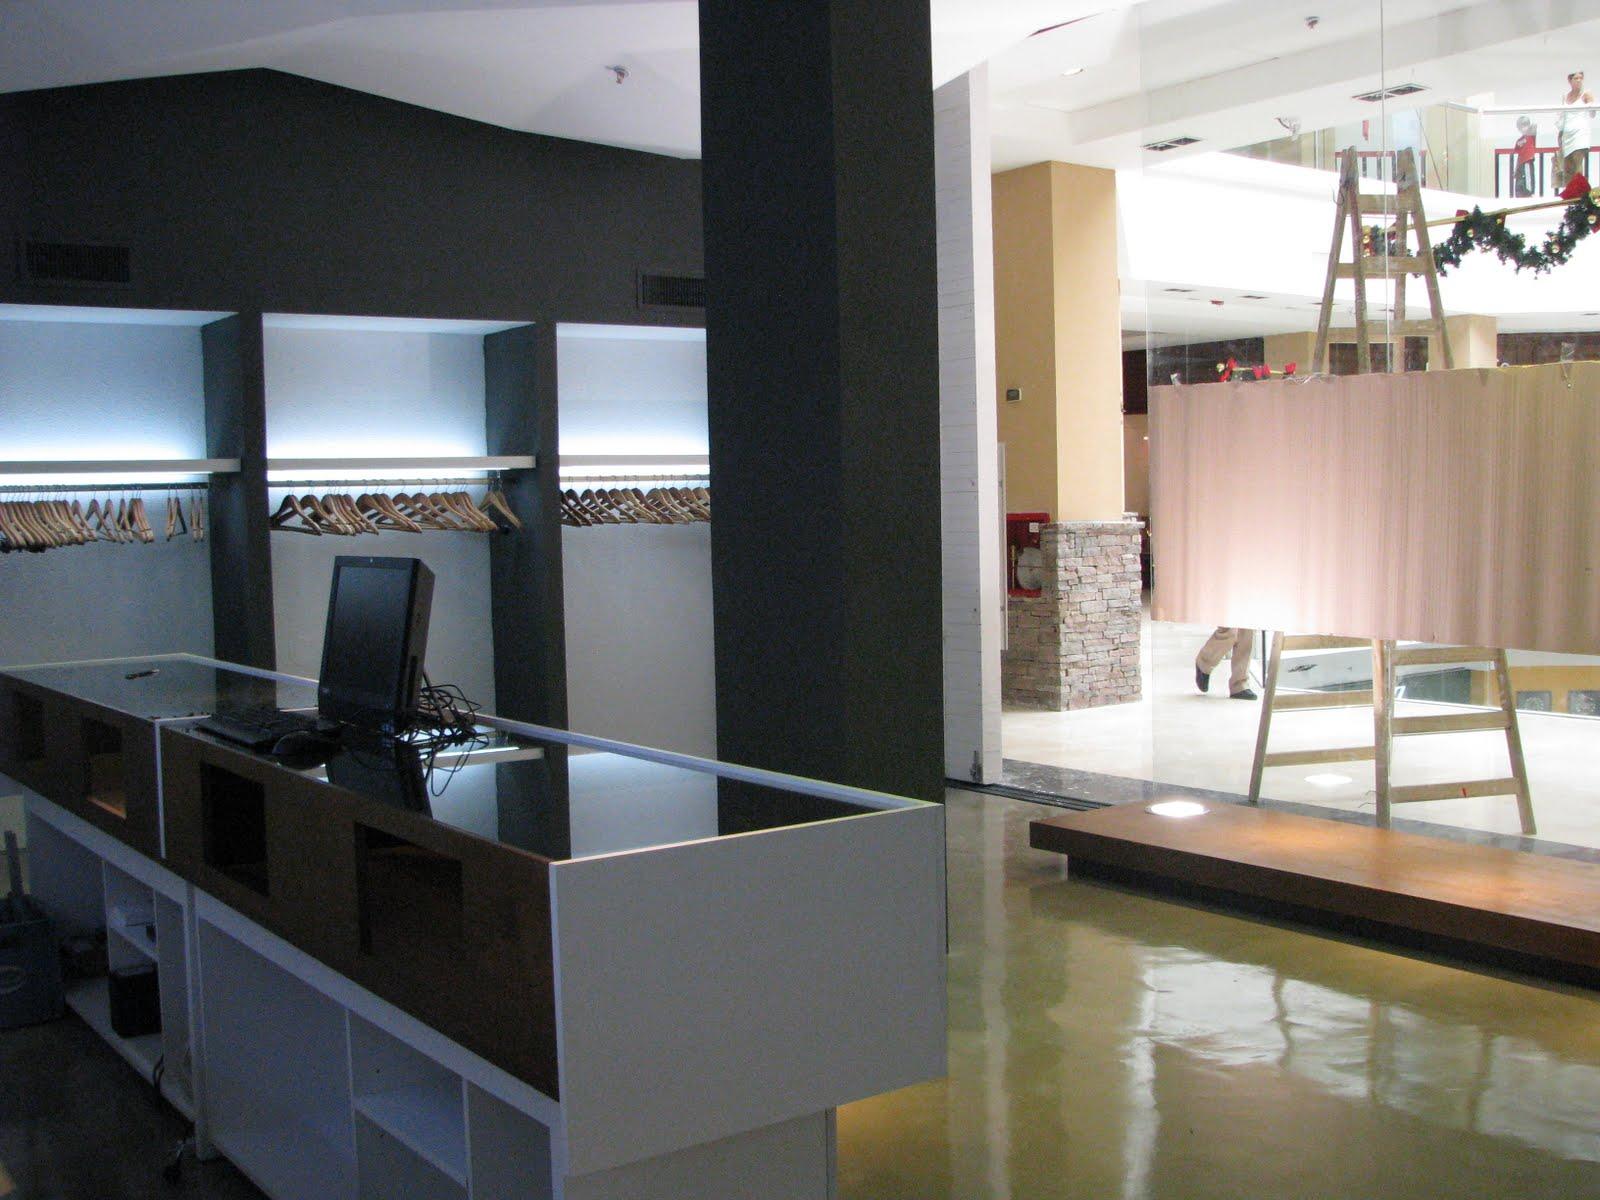 Muebles de cocina comedor living ba o dormitorio for Muebles para locales gastronomicos